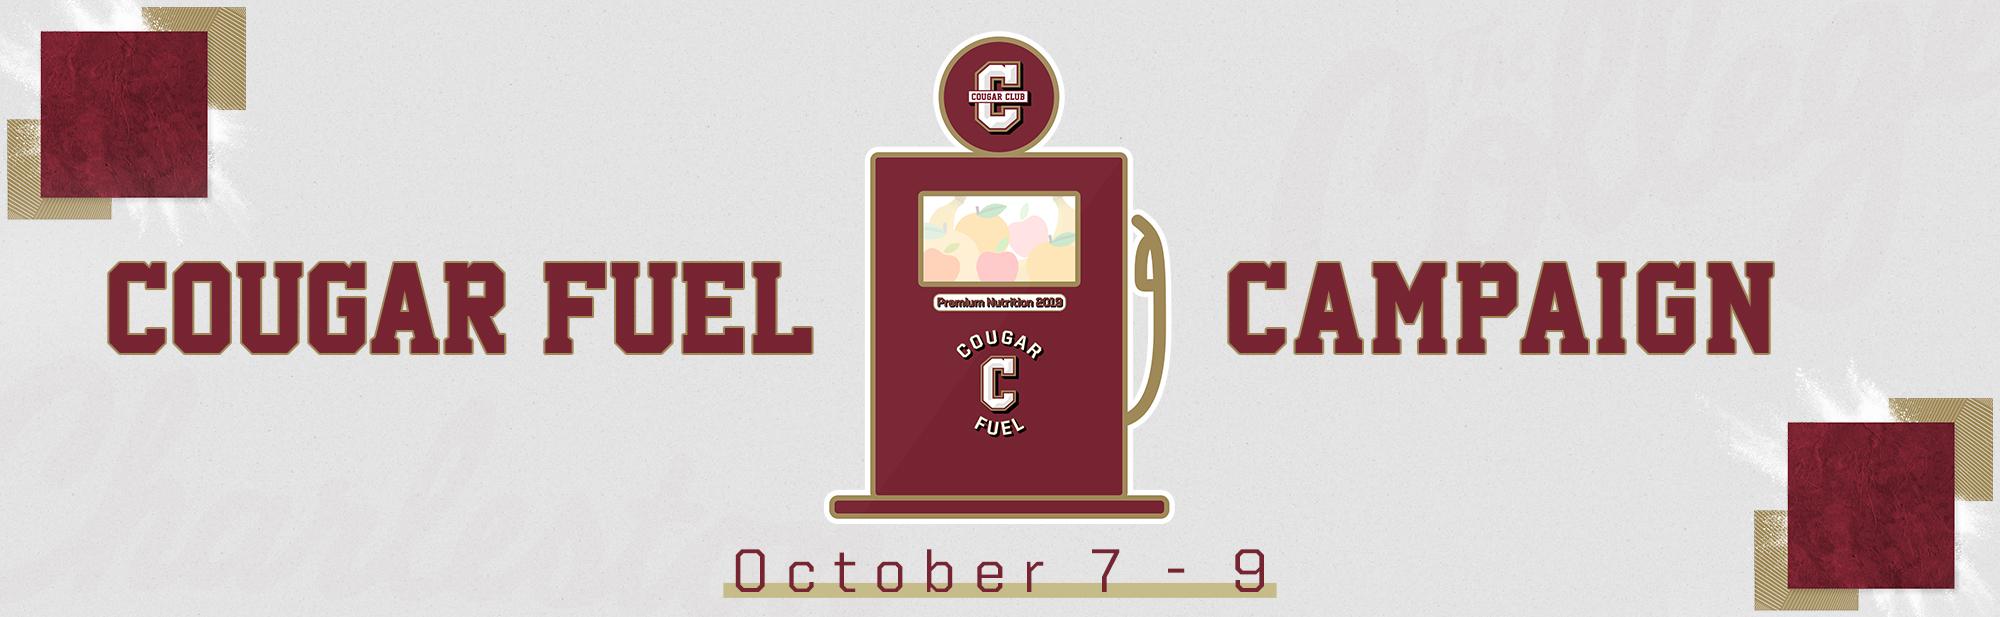 Cougar Fuel Campaign